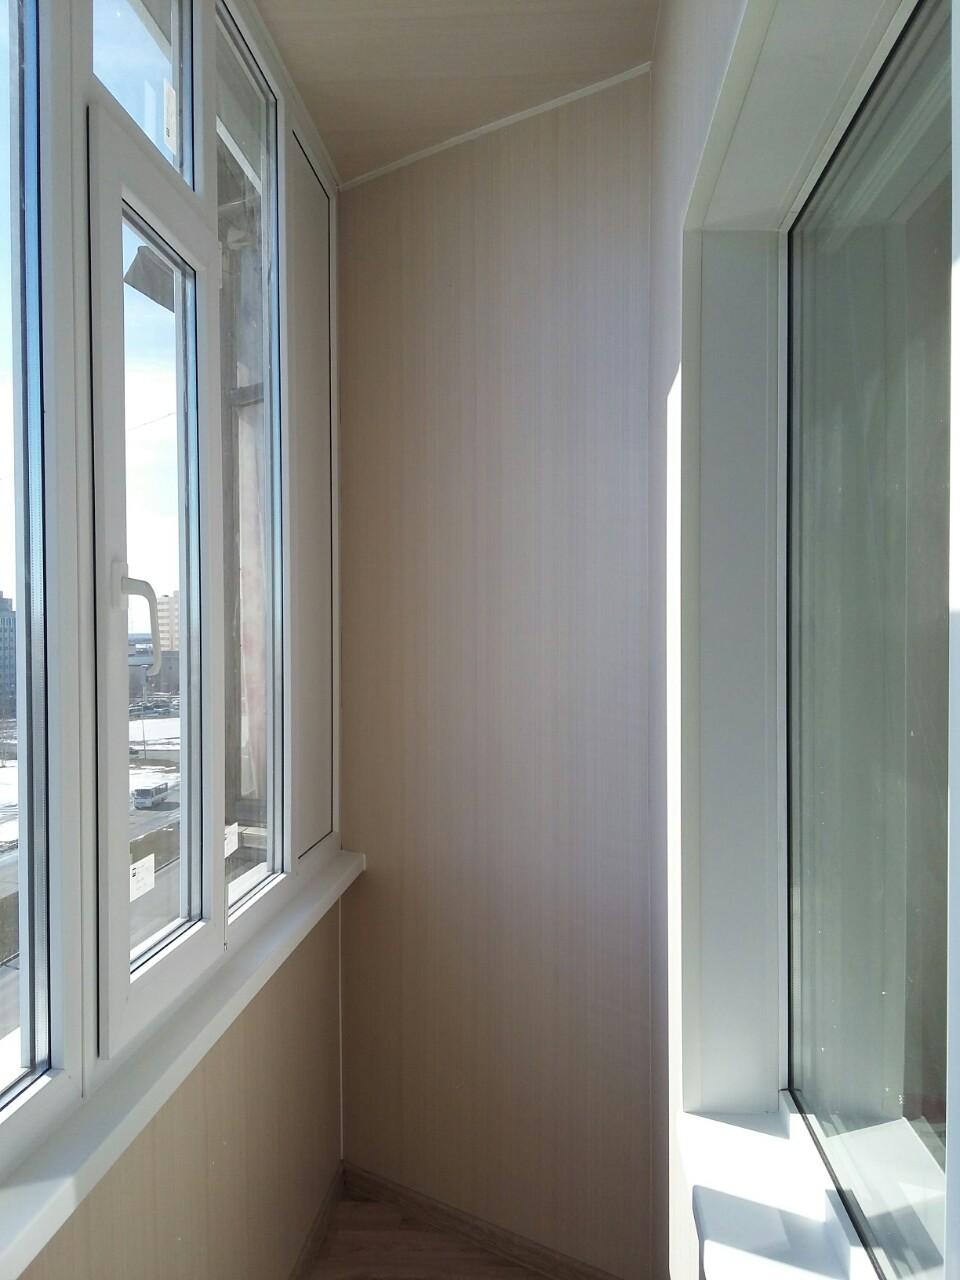 Пластиковые окна Сургут ул. Мира дом 7 Новые окна Фото 1